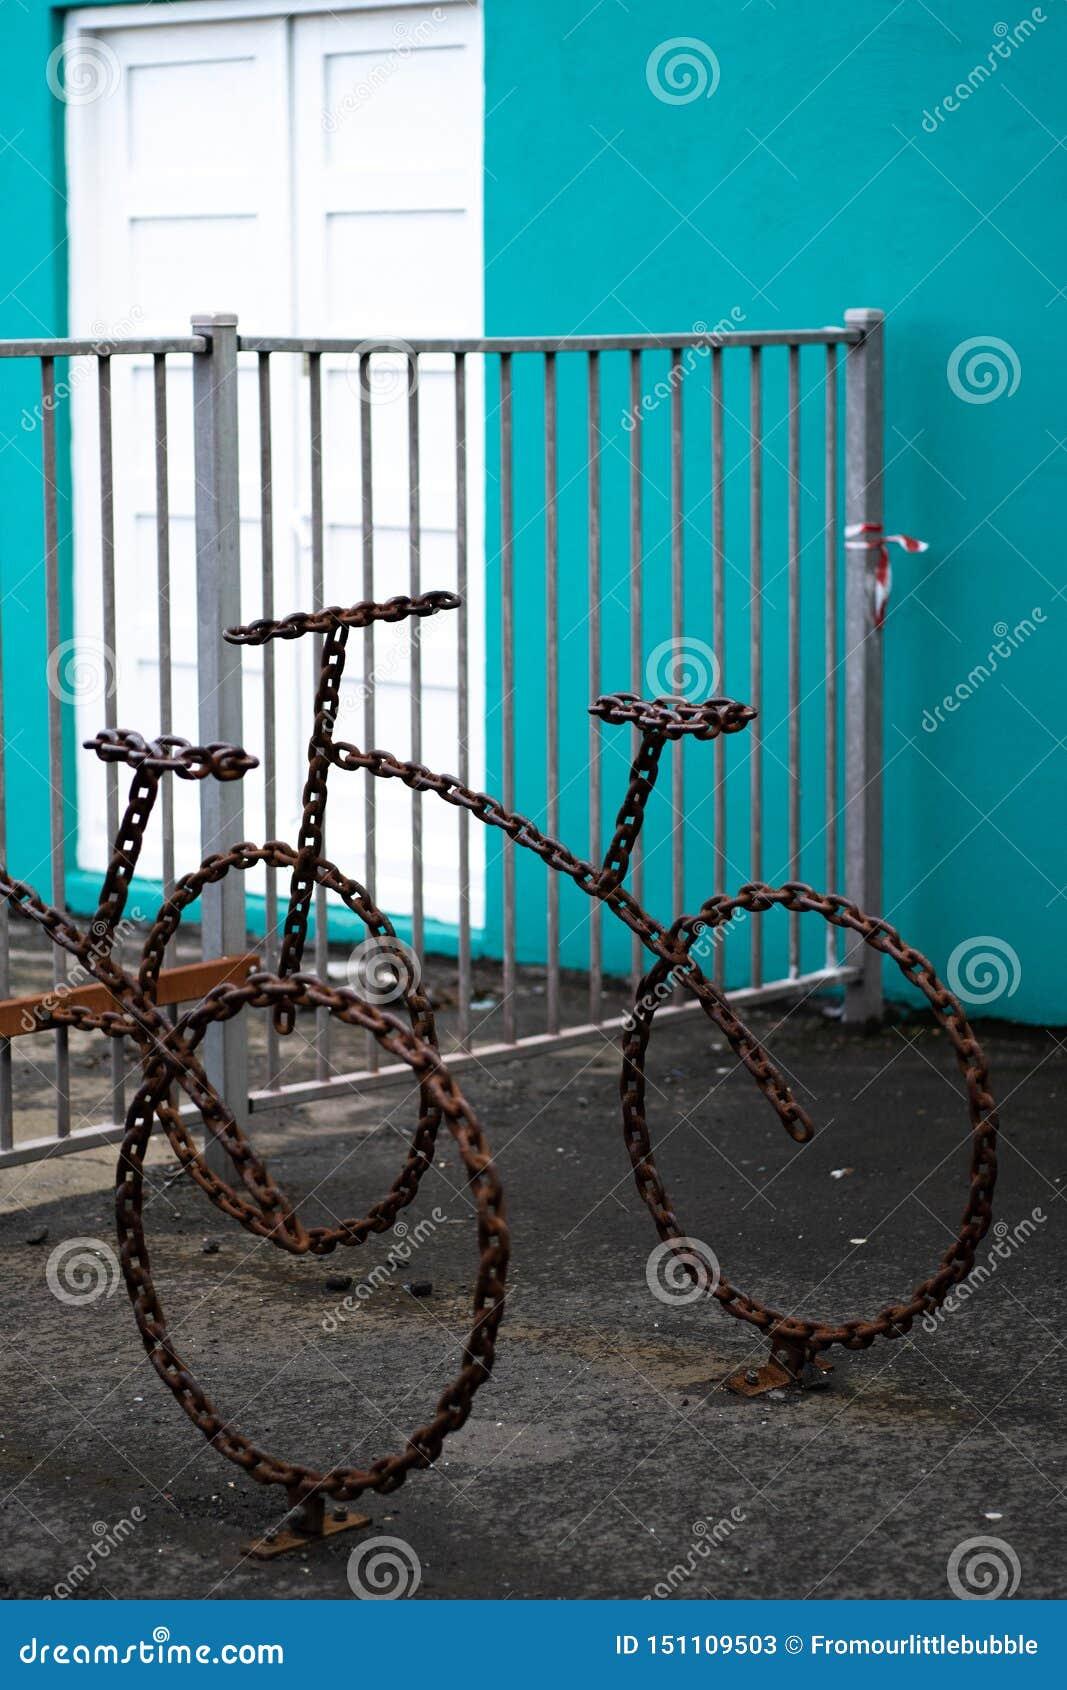 艺术性的自行车行李架由链子做成